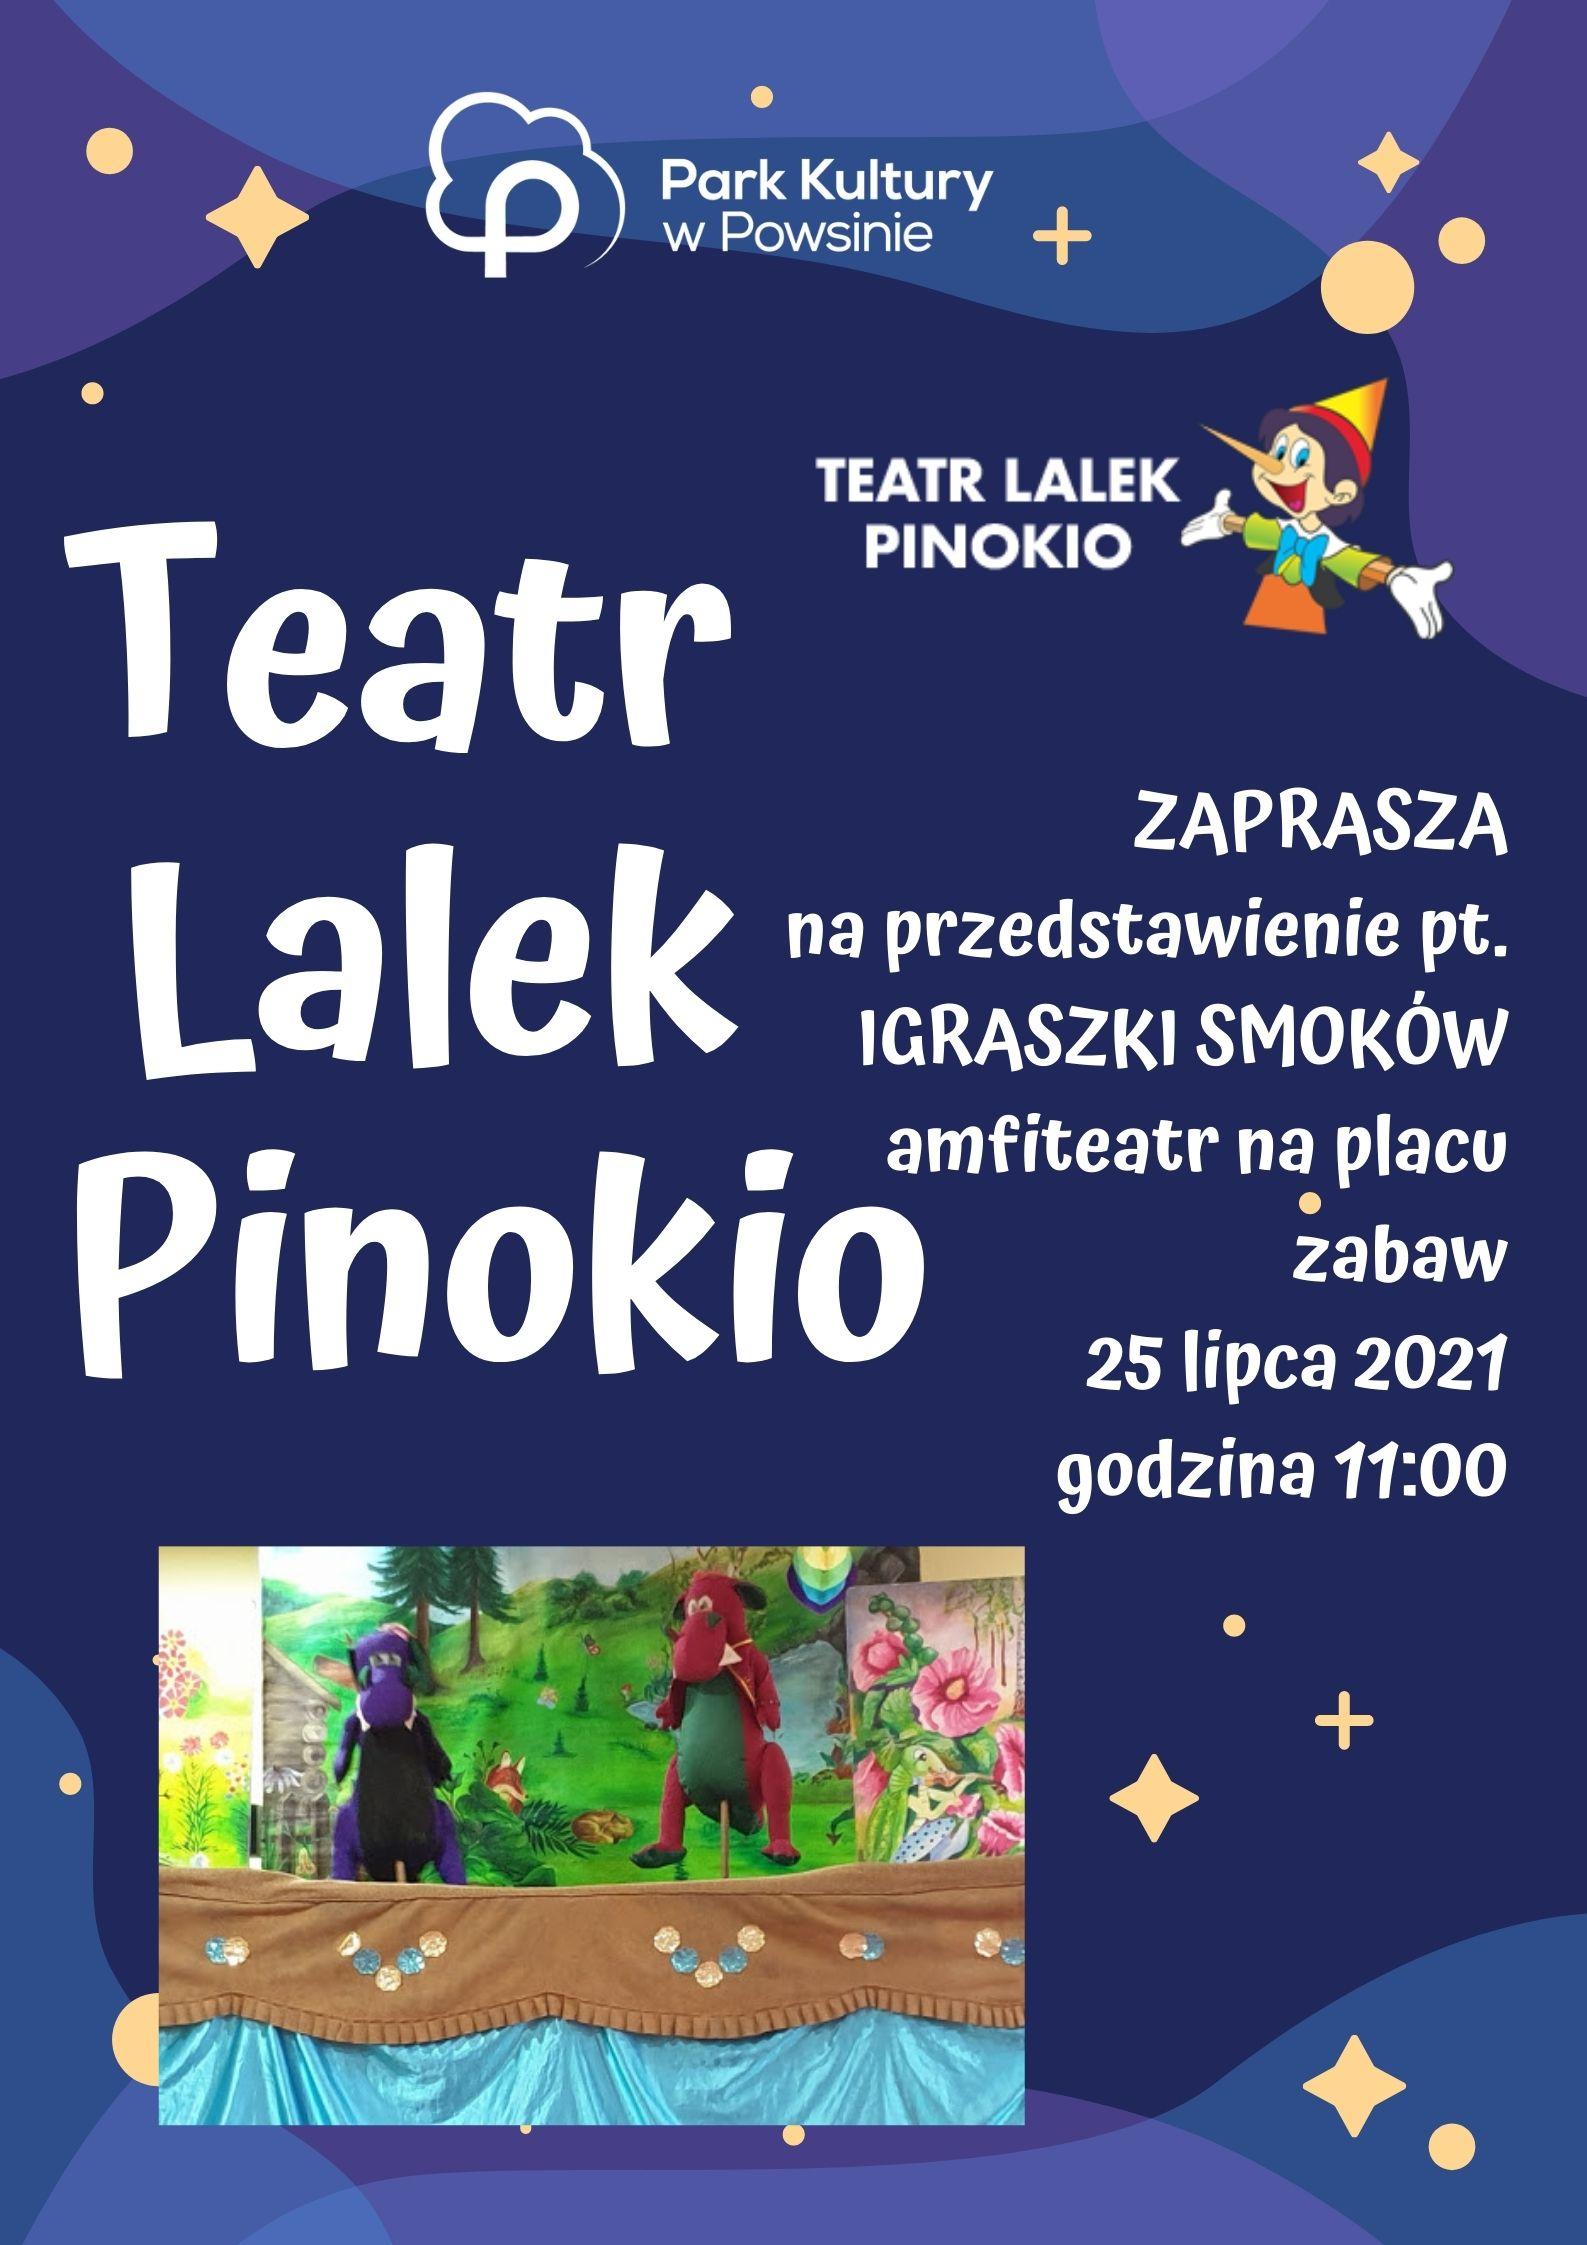 Plakat z informacją o wystepie teatru Lalek Pinokio